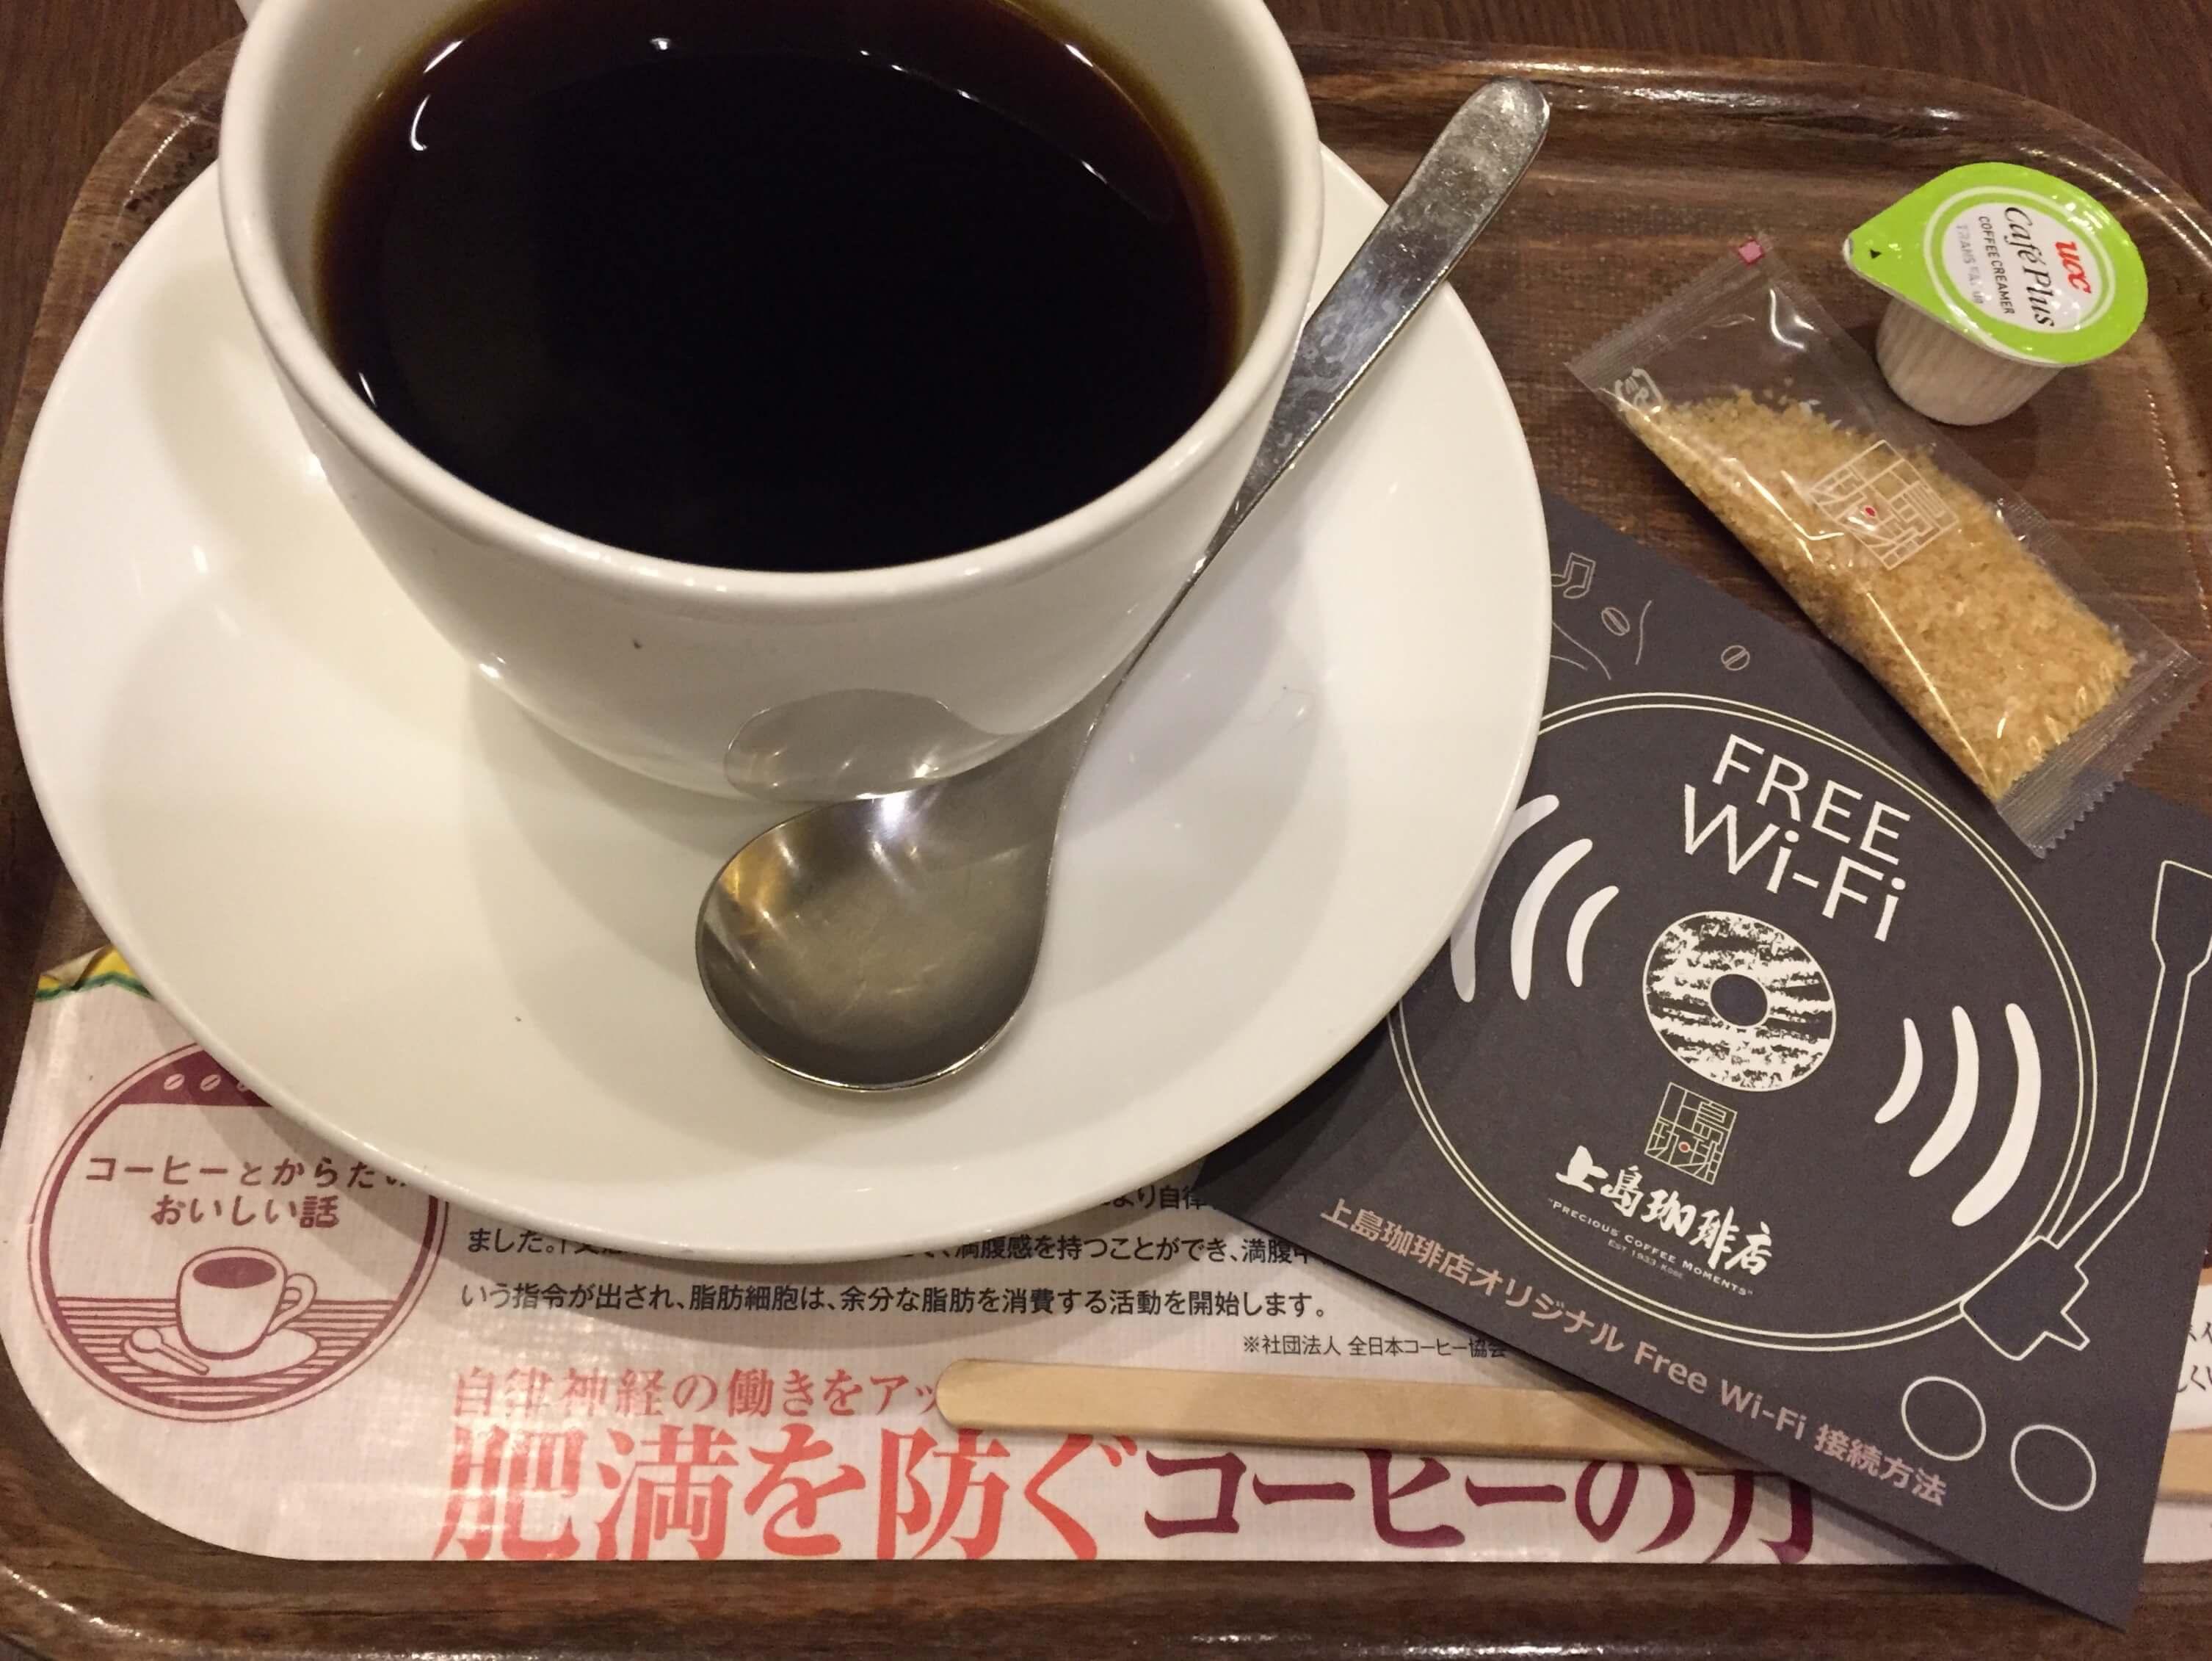 上島珈琲店 コーヒー